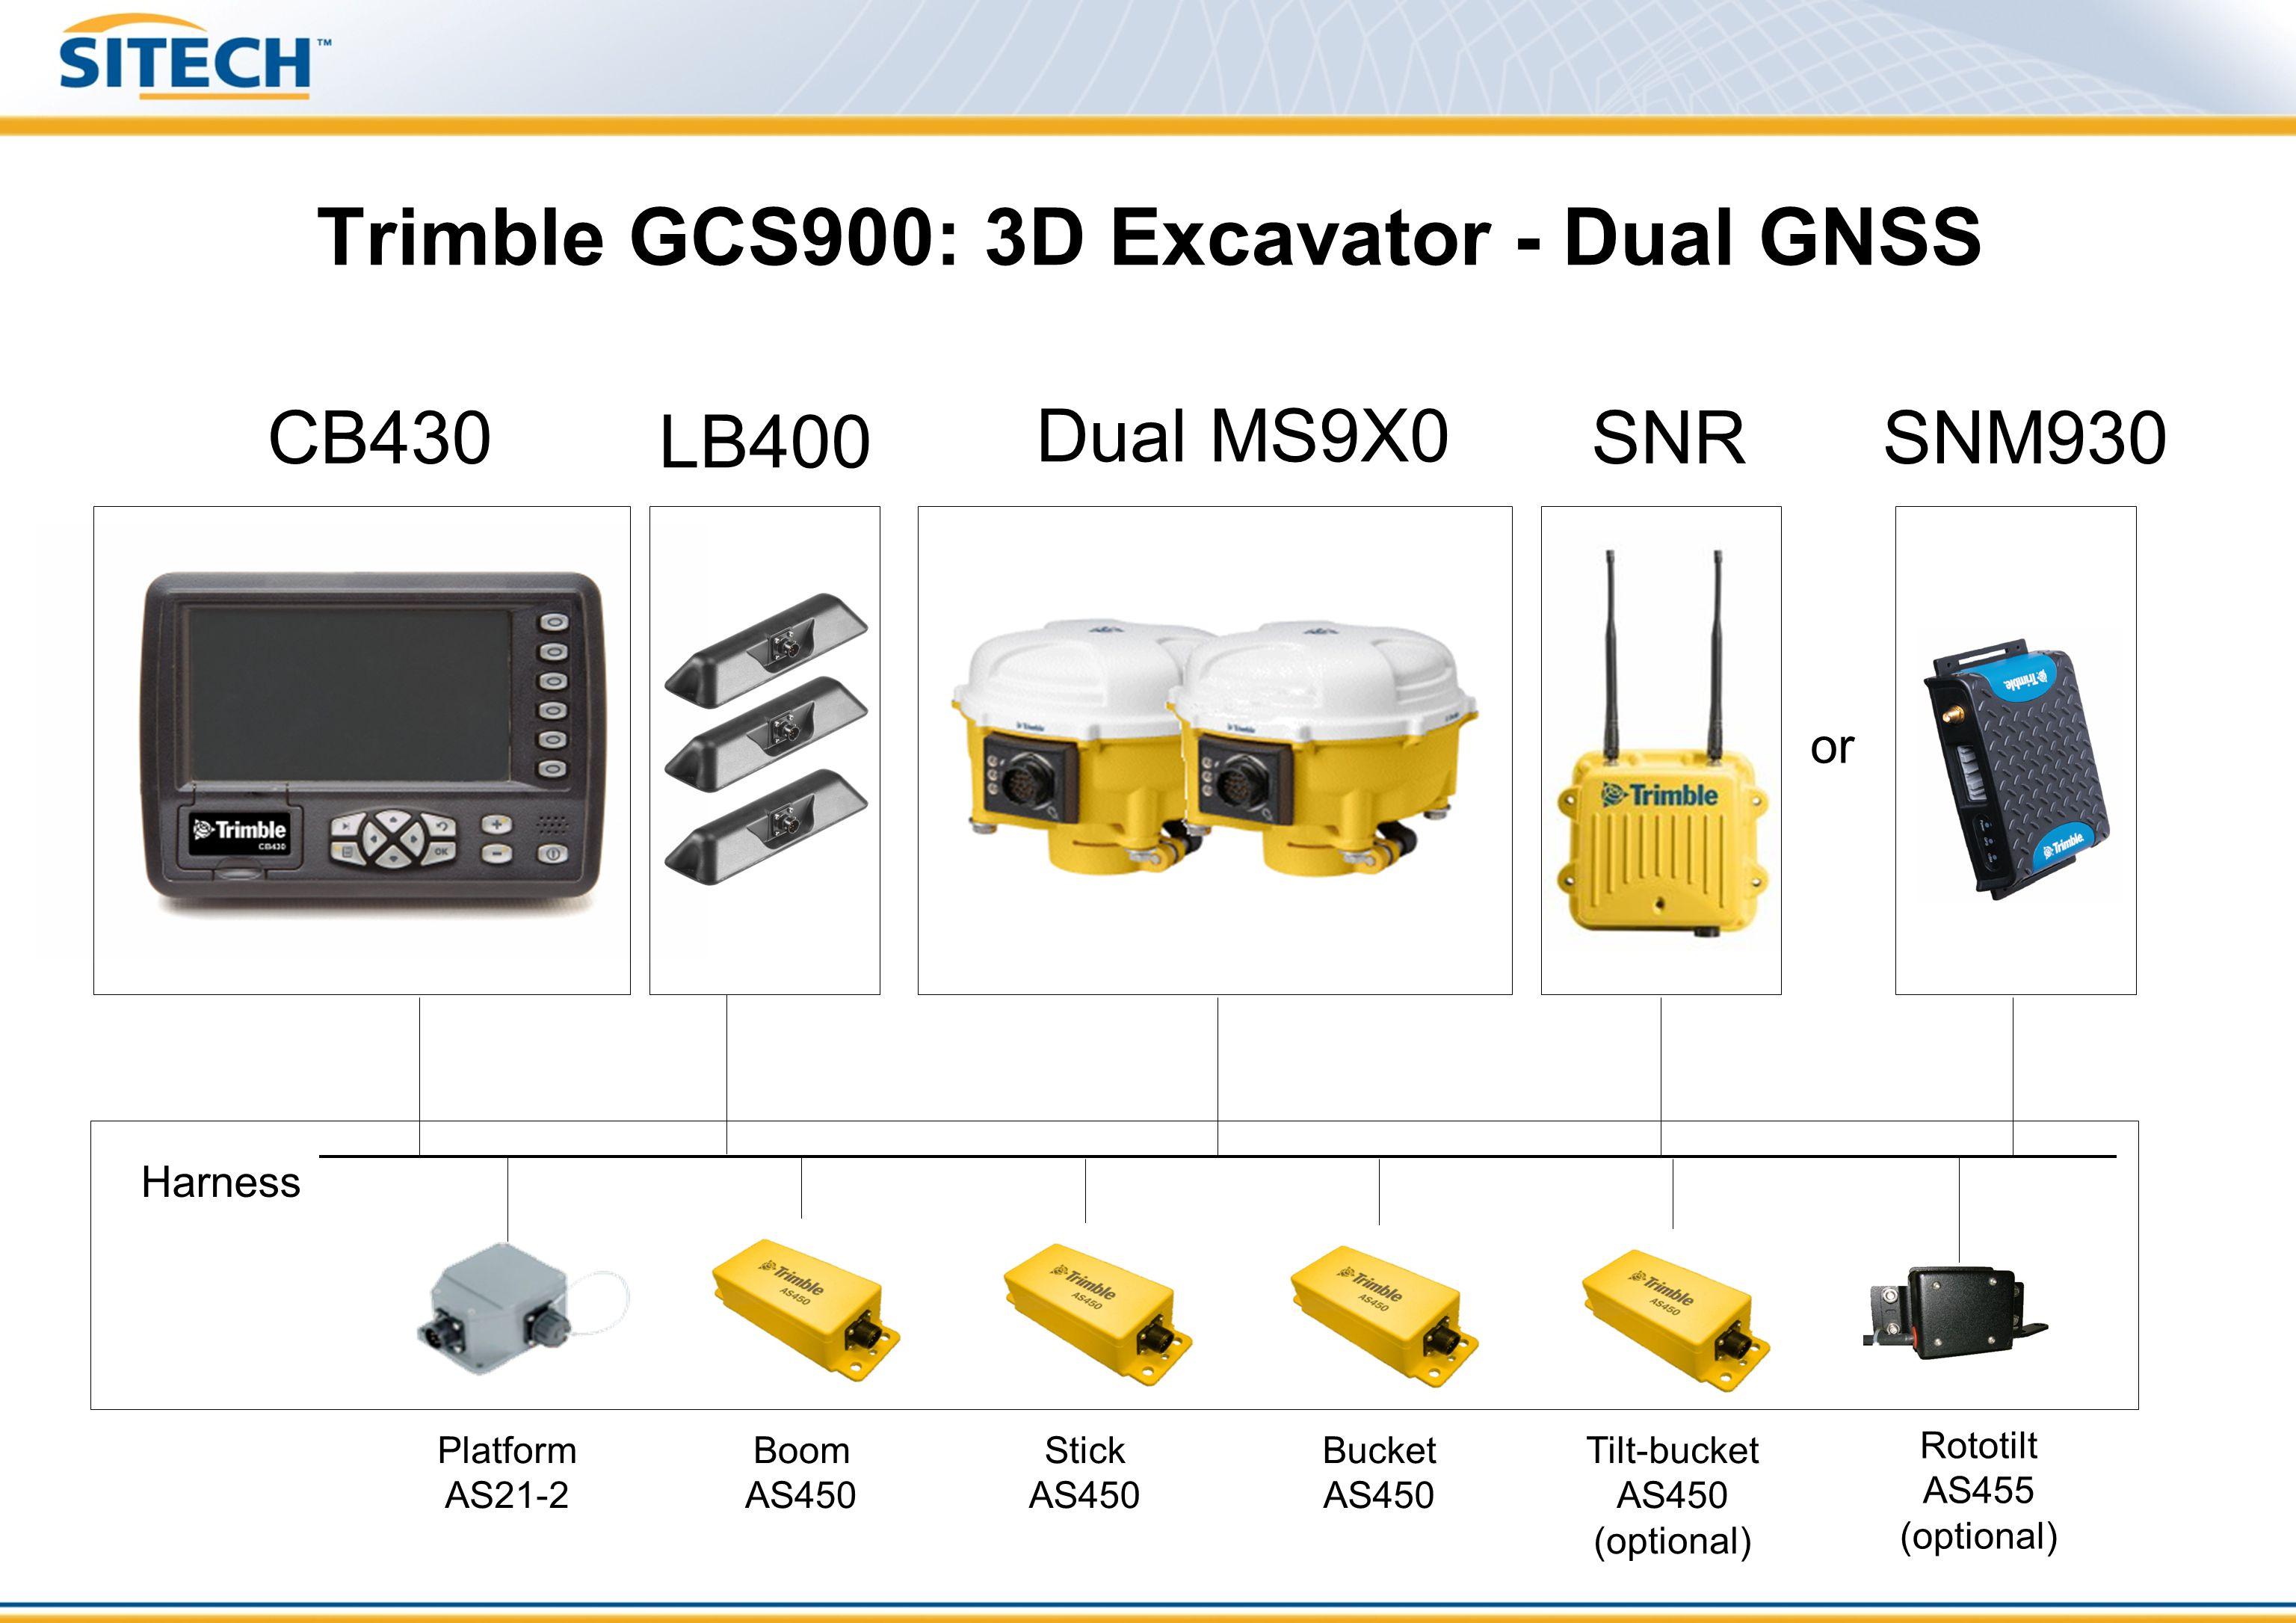 Trimble GCS900: 3D Excavator - Dual GNSS